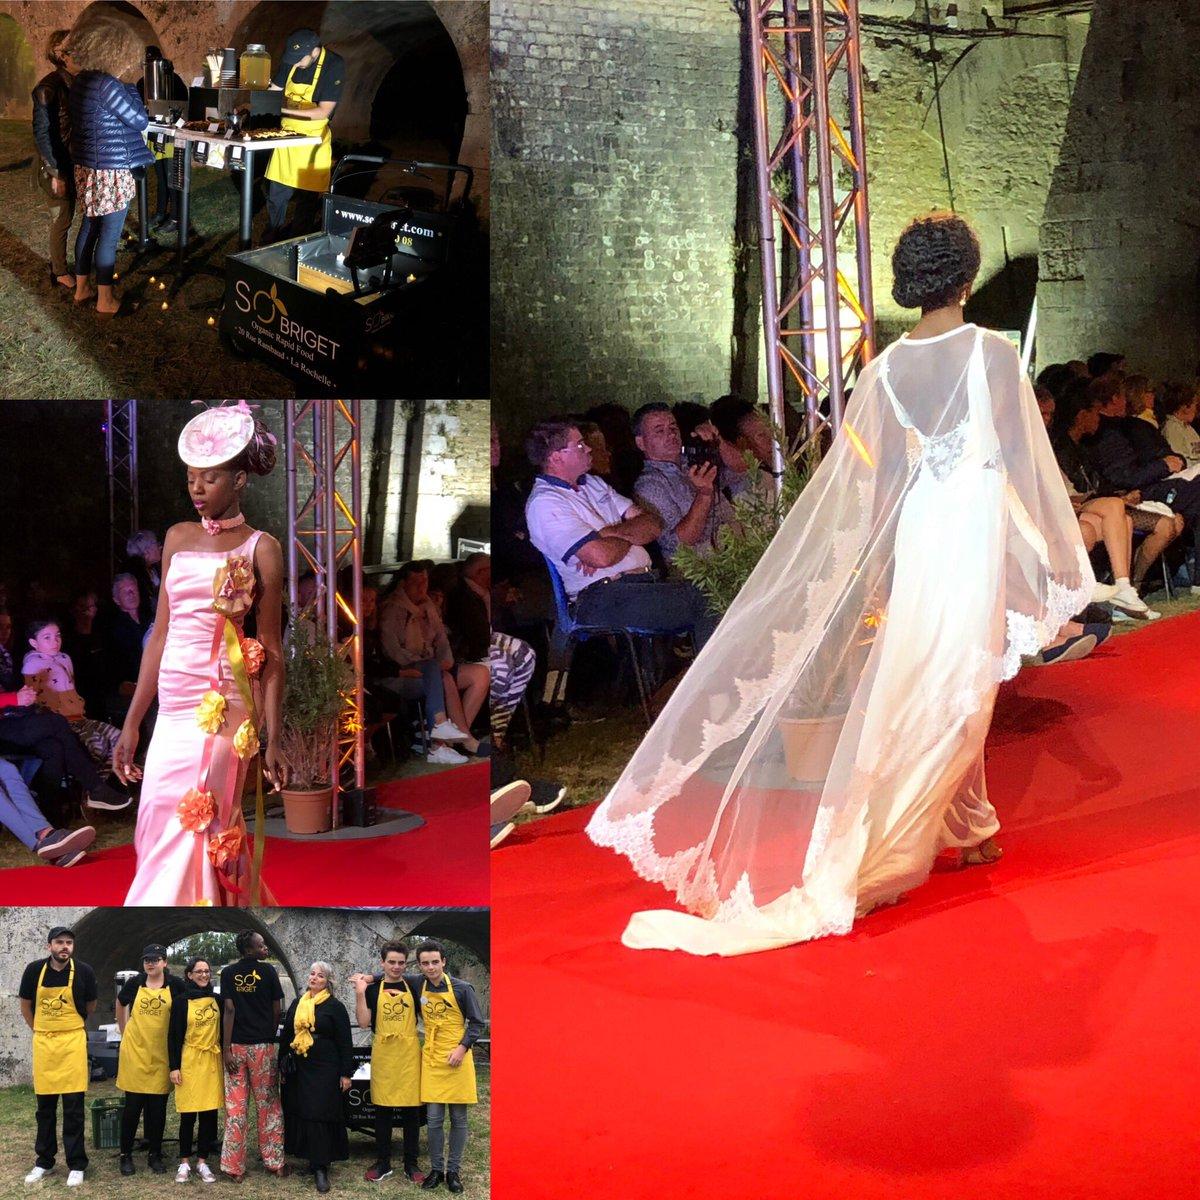 2eme soirée fashion night couture sur l'île de ré ! C'était somptueux #fashion_night_couture2019 #ilederépic.twitter.com/jRhtMx49cl